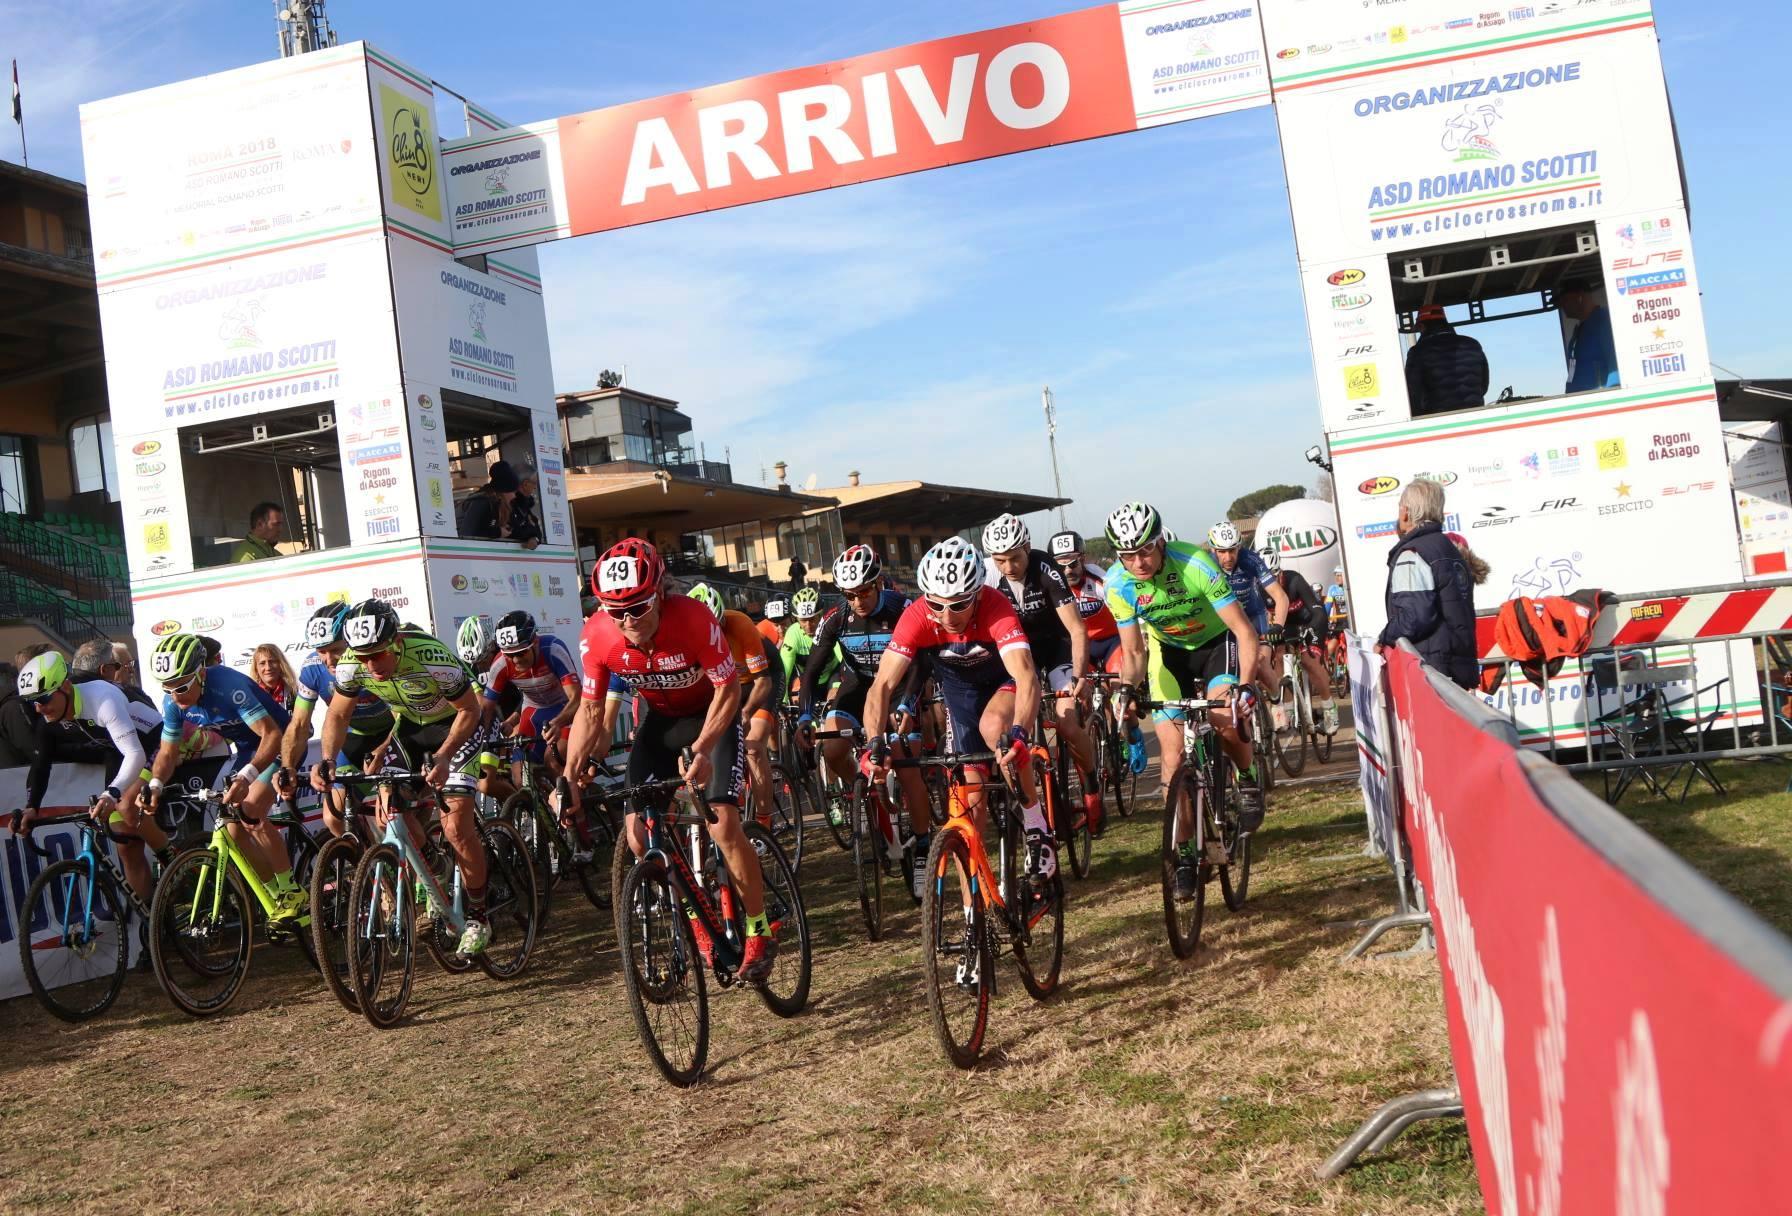 Mtb Santa Marinella-Cicli Montanini: due podi tricolori con Gianfranco Mariuzzo e Michele Feltre